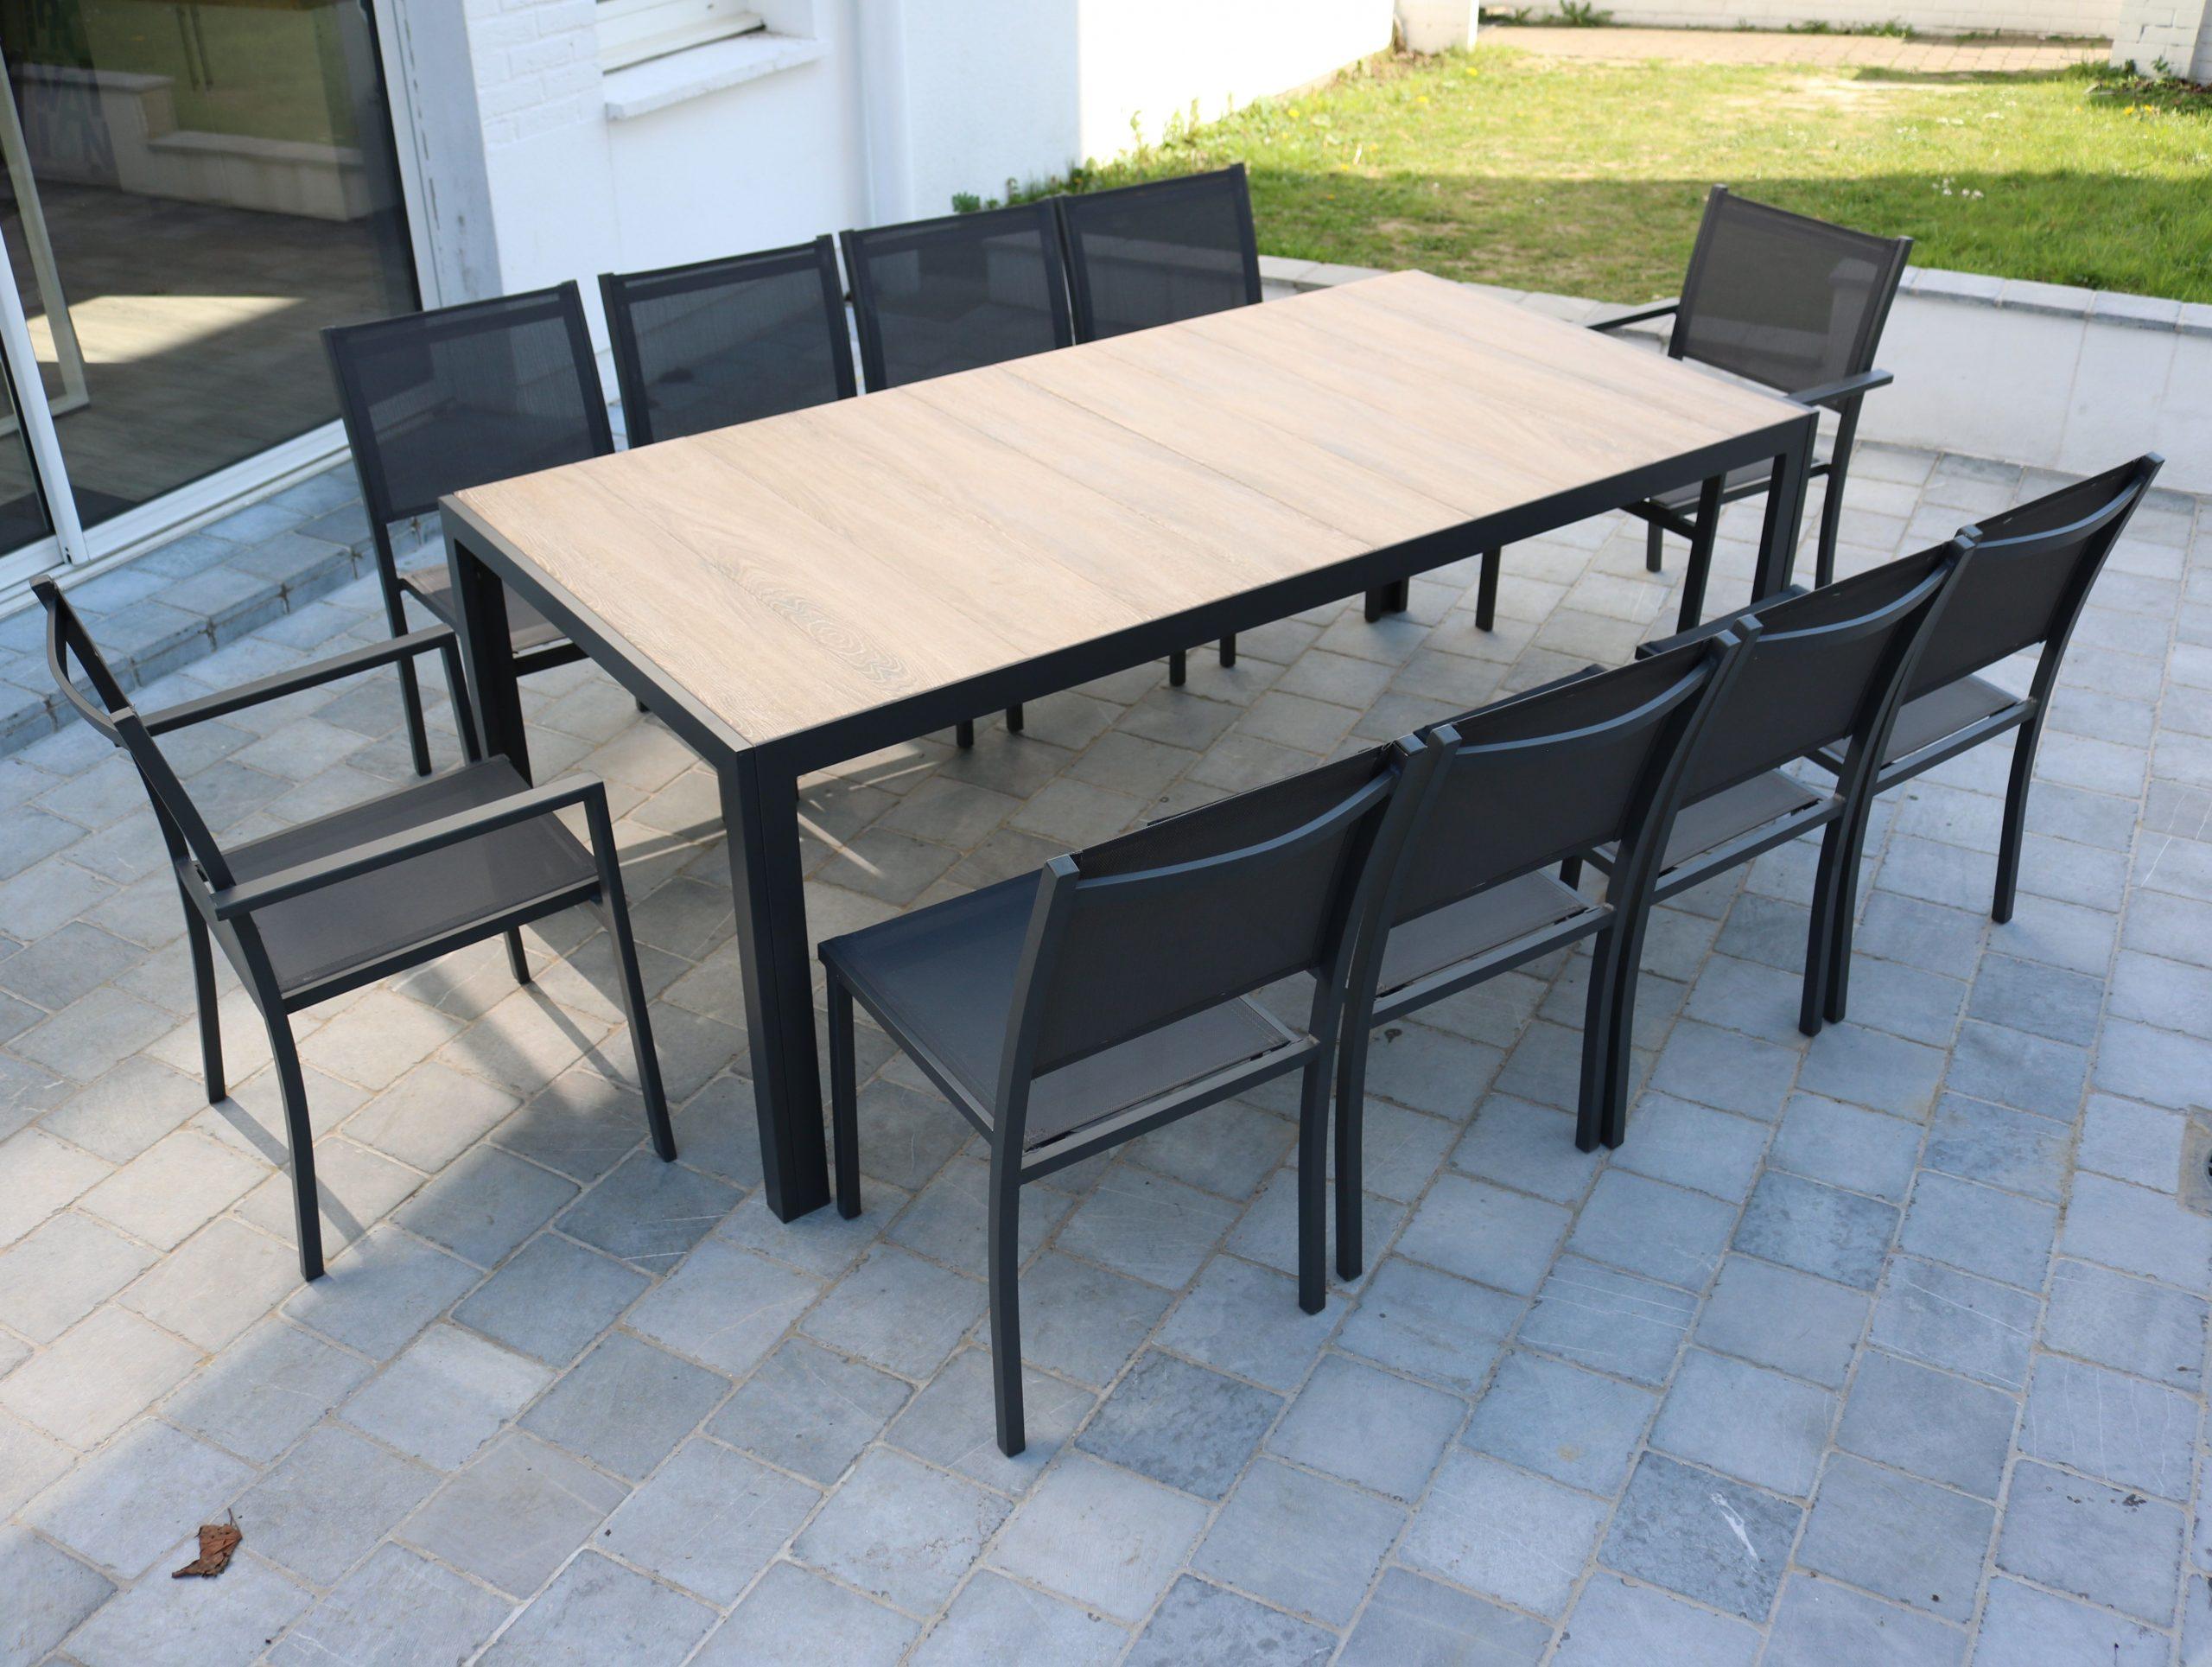 Table De Jardin 10 Places Aluminium Et Céramique - Gris ... avec Table De Jardin En Alu